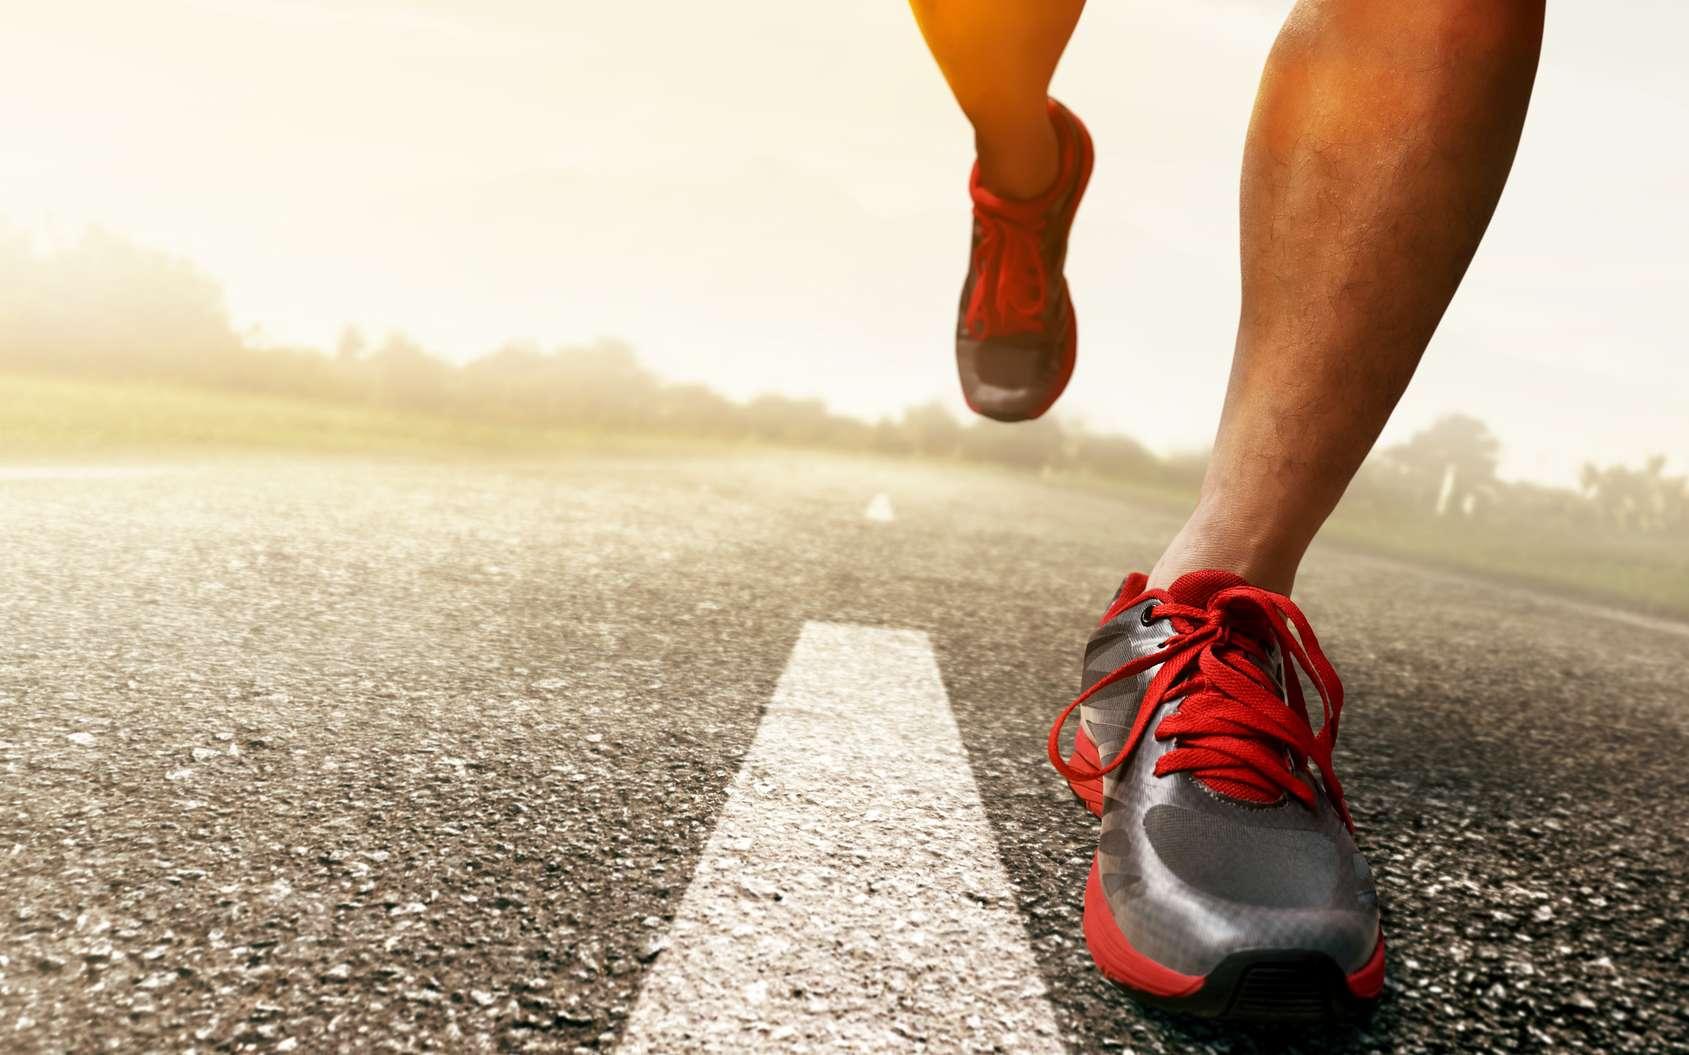 Running Les Chaussures Font Elles Courir Plus Vite